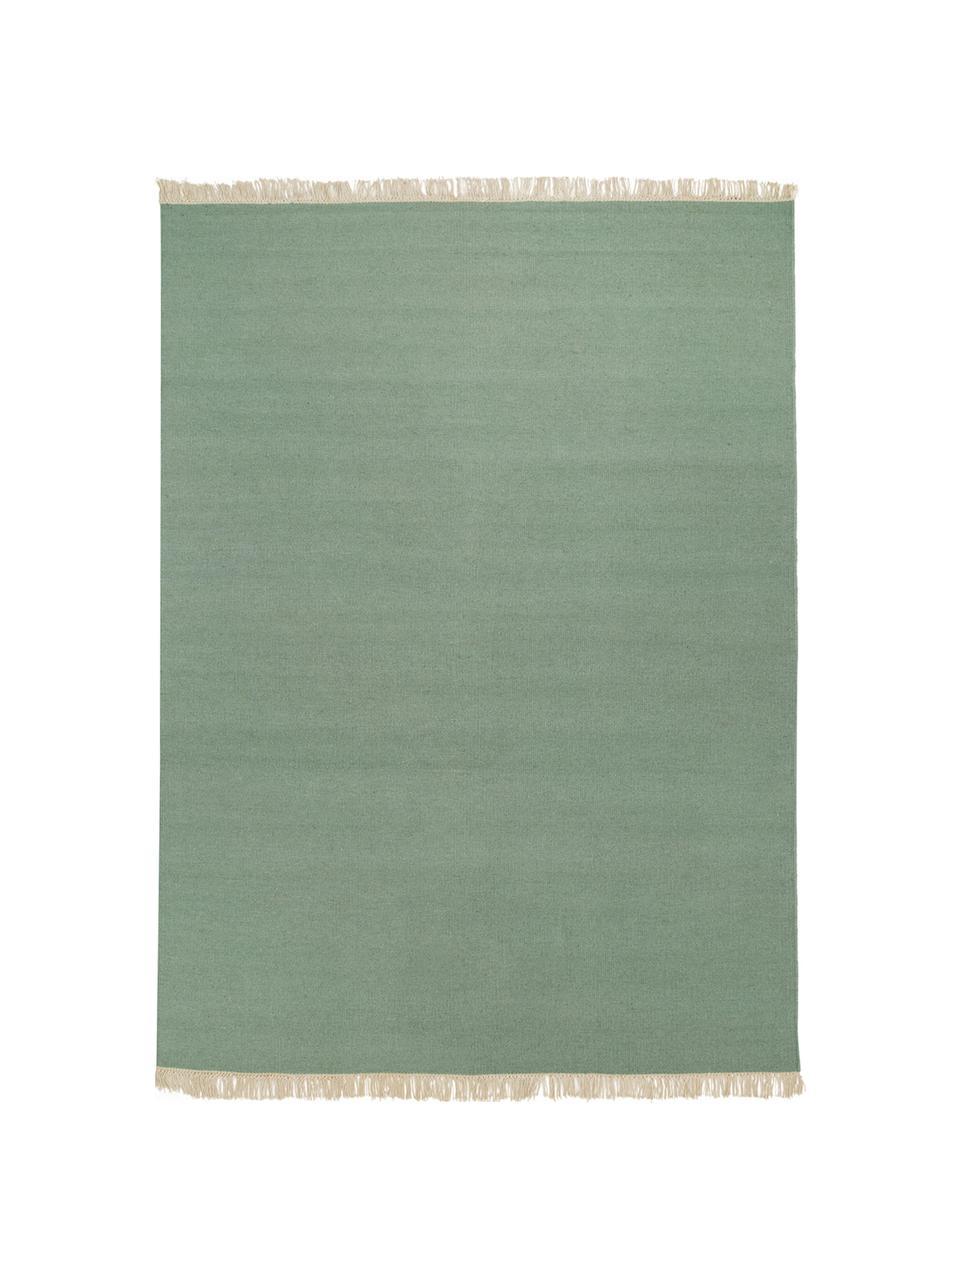 Handgewebter Kelimteppich Rainbow aus Wolle in Grün mit Fransen, Fransen: 100% Baumwolle Bei Wollte, Pistaziengrün, B 170 x L 240 cm (Größe M)